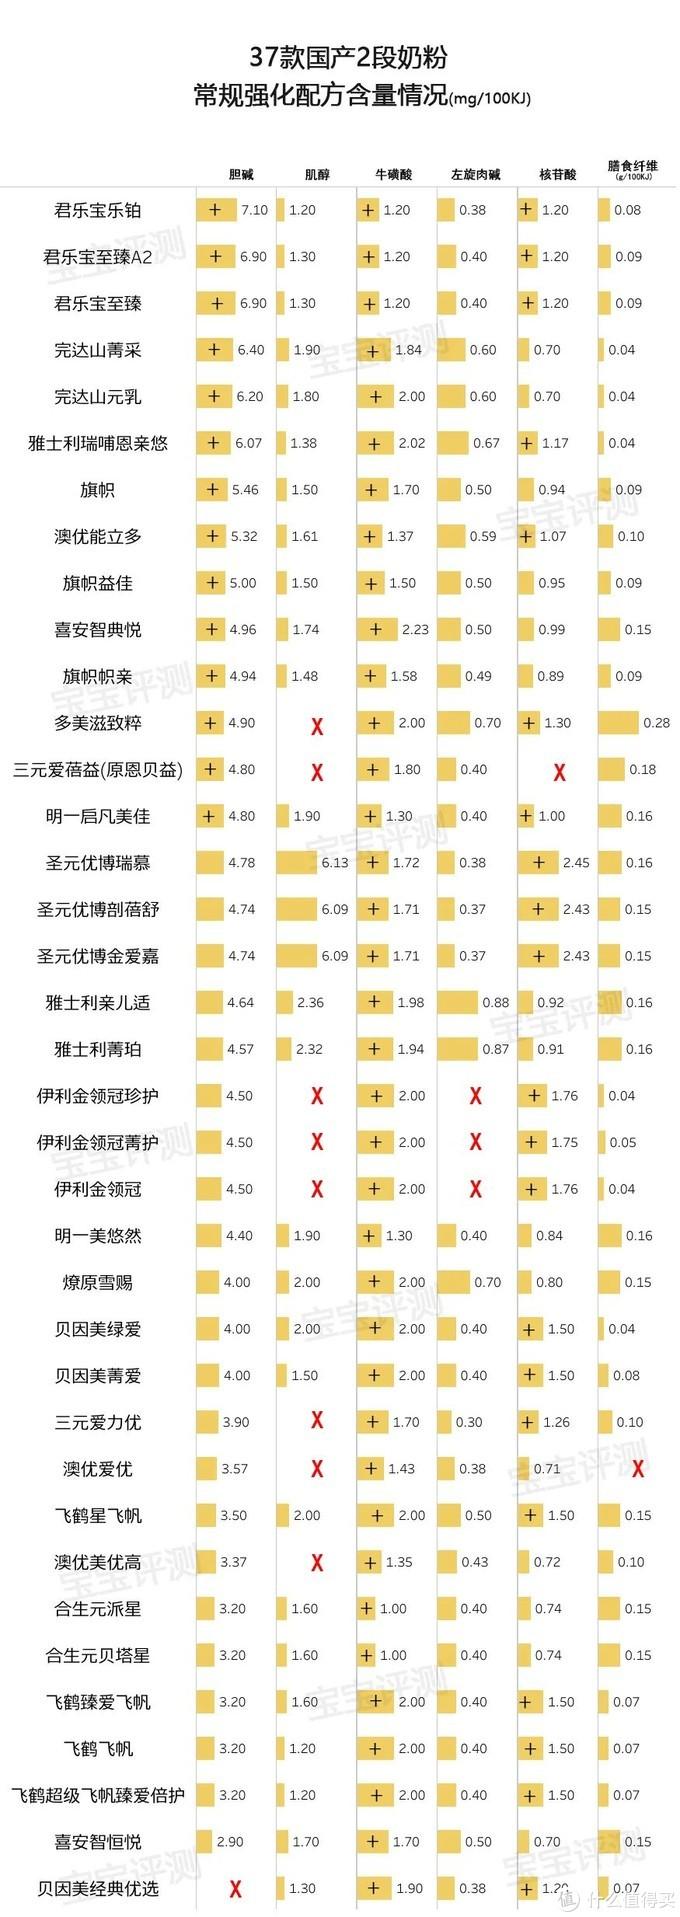 37款国产2段奶粉评测(2020版):原料、配方、品牌信任度,哪款更值得选?